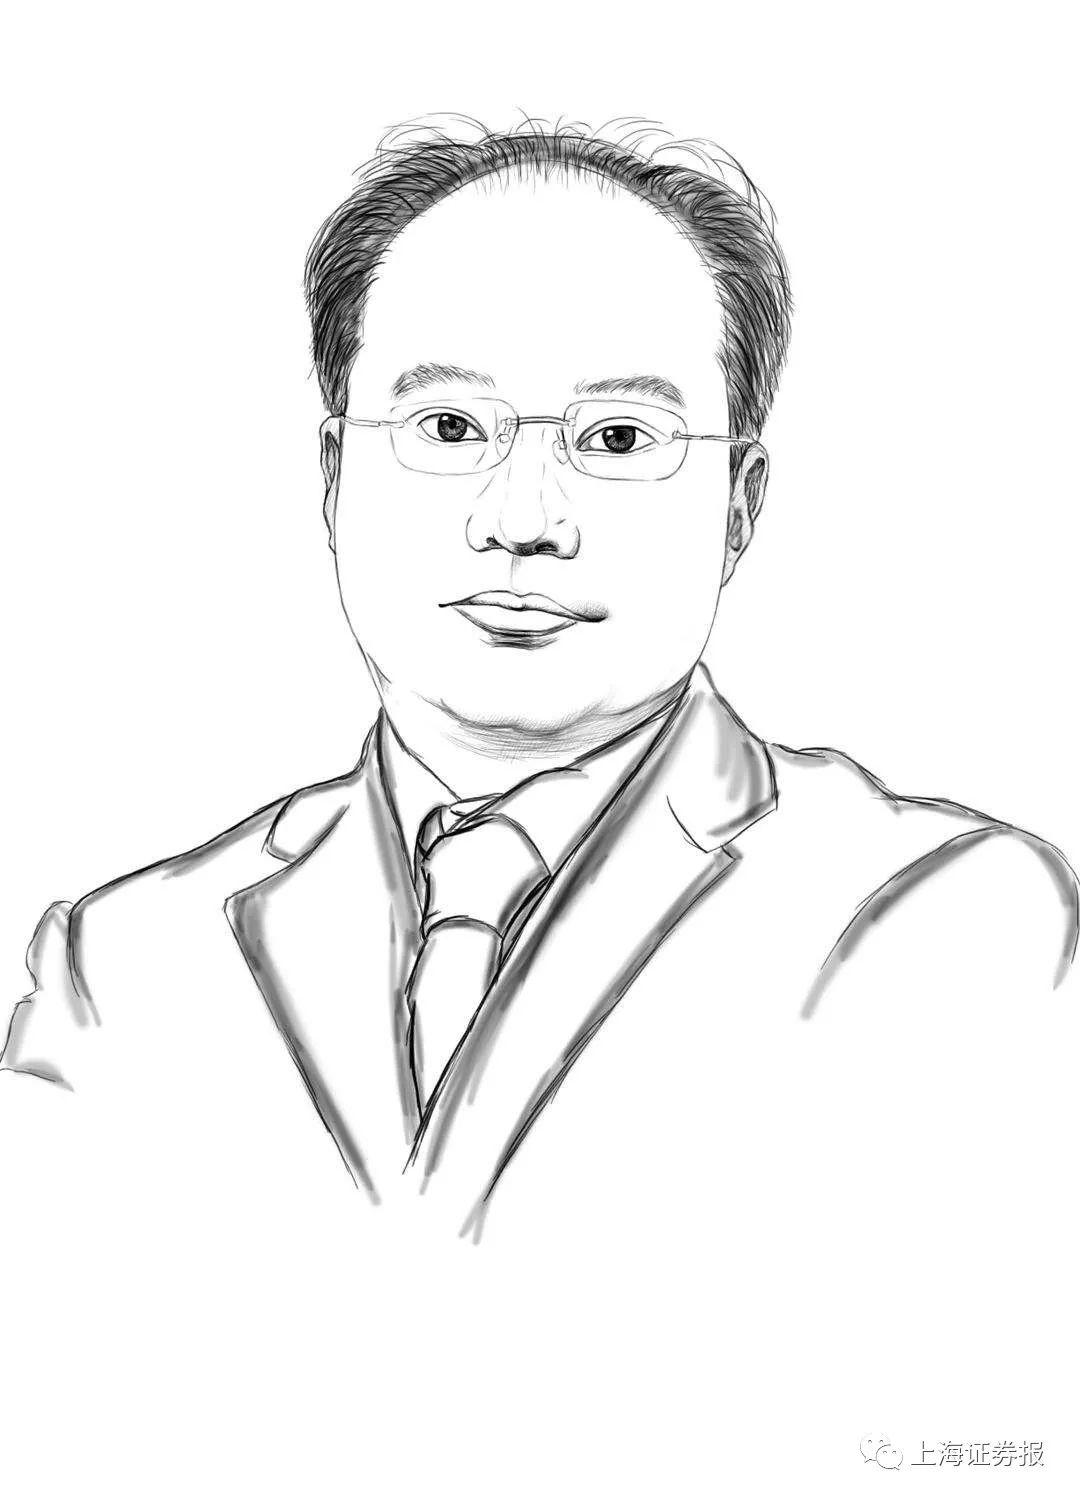 汇添富基金副总经理 袁建军